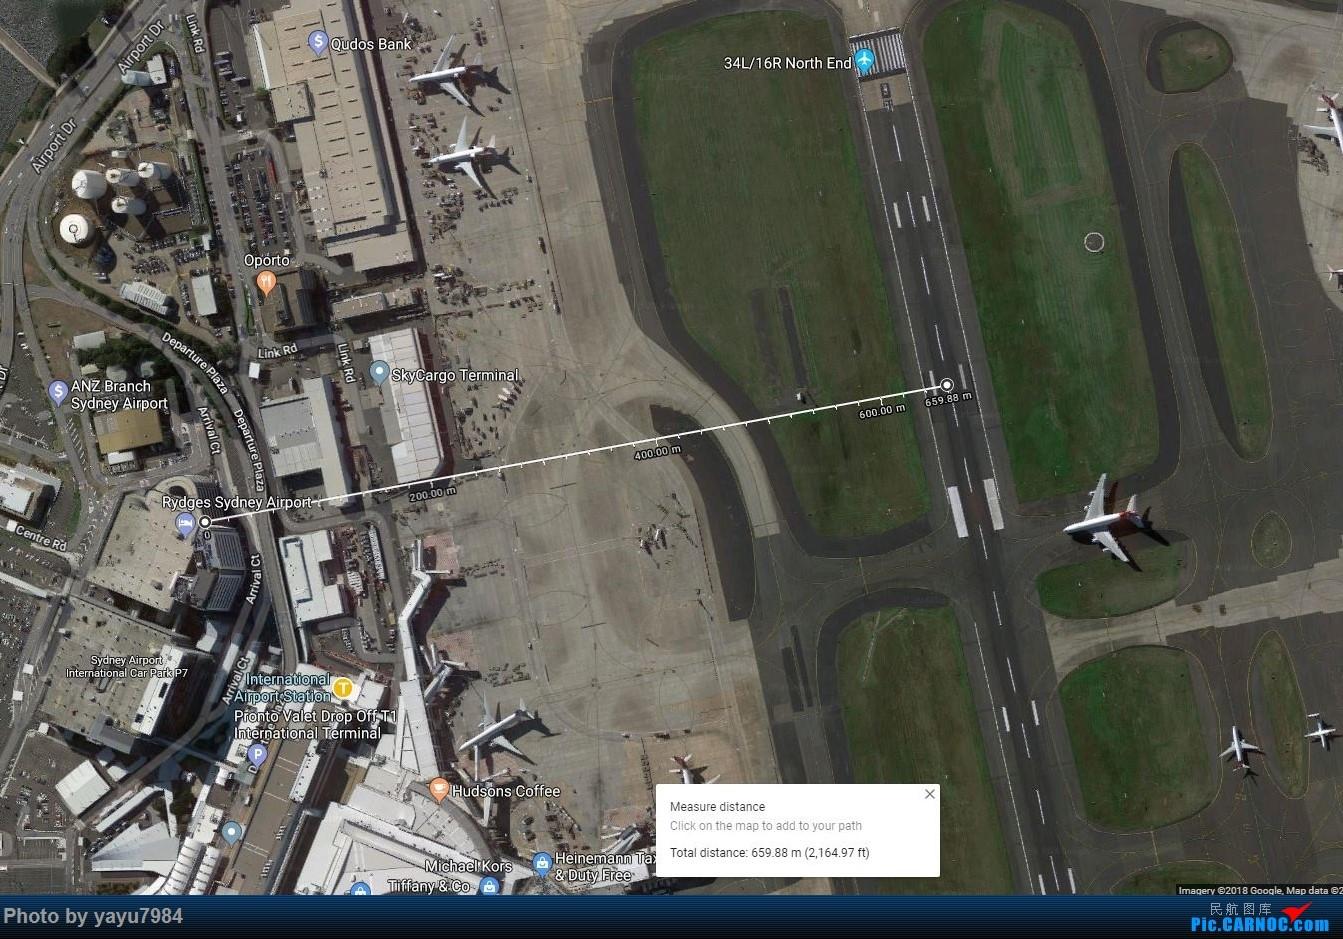 Re:Re:[原创][SYD] 停车楼顶看宽体 (已更新A350-1000测试机图片)    澳大利亚悉尼金斯福德·史密斯机场